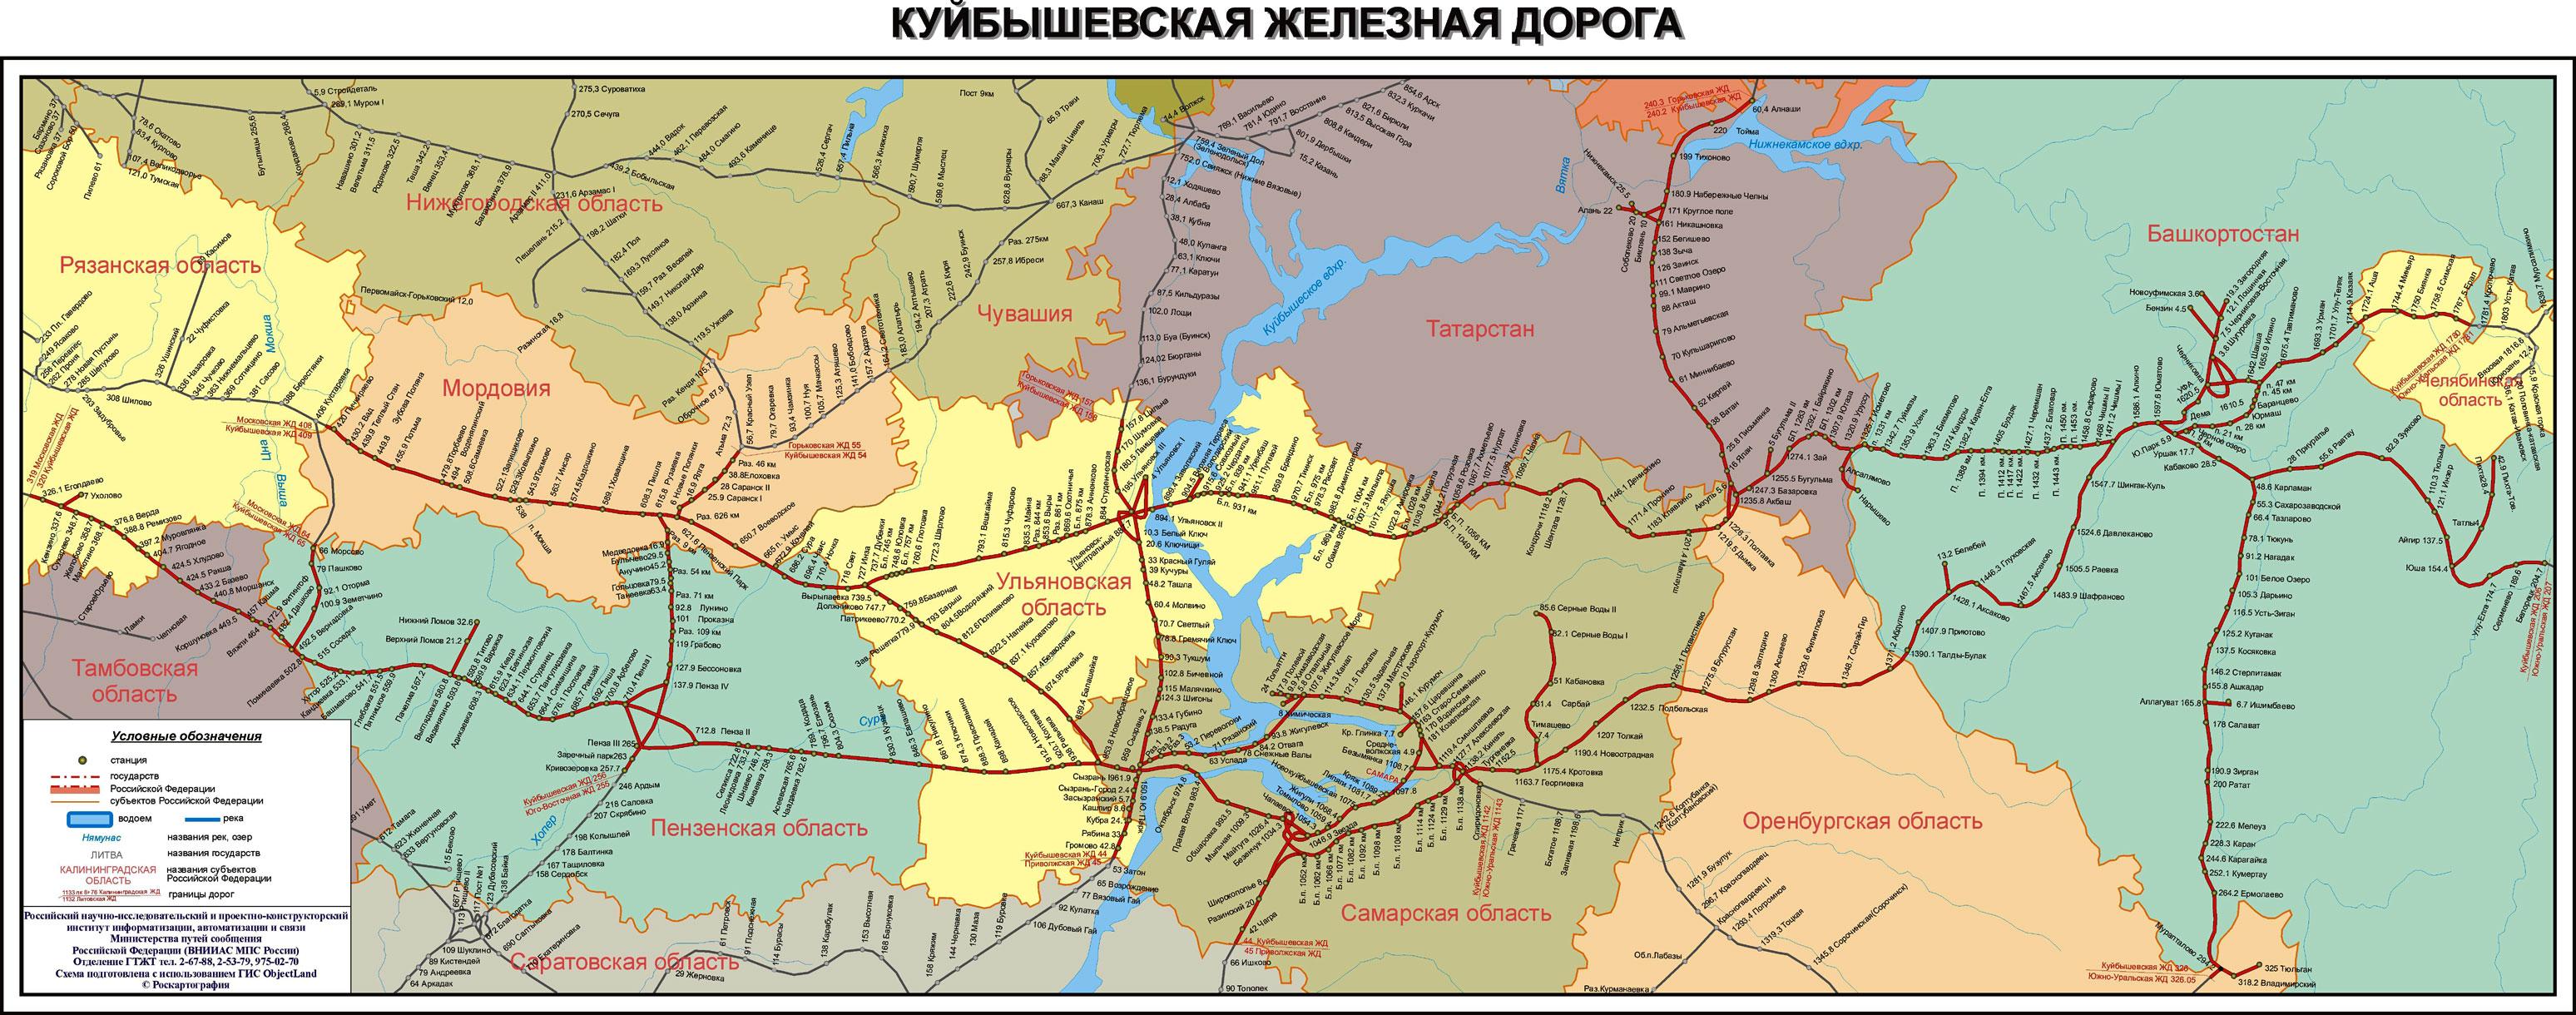 Приволжская железная дорога схема фото 61